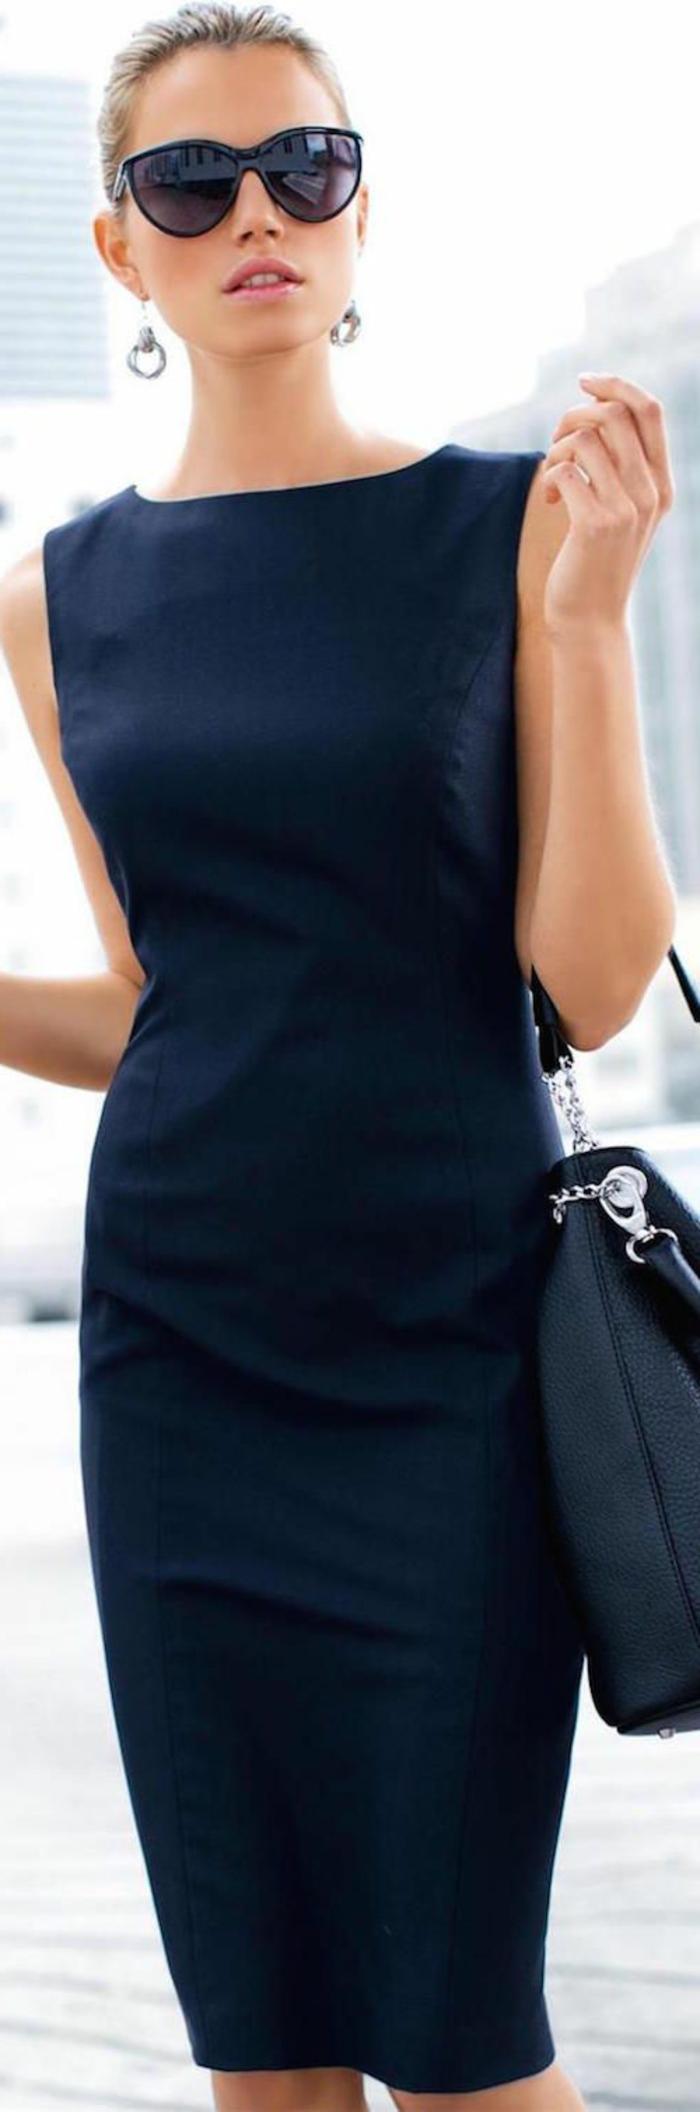 la robe de fian ailles 50 joli variant s. Black Bedroom Furniture Sets. Home Design Ideas